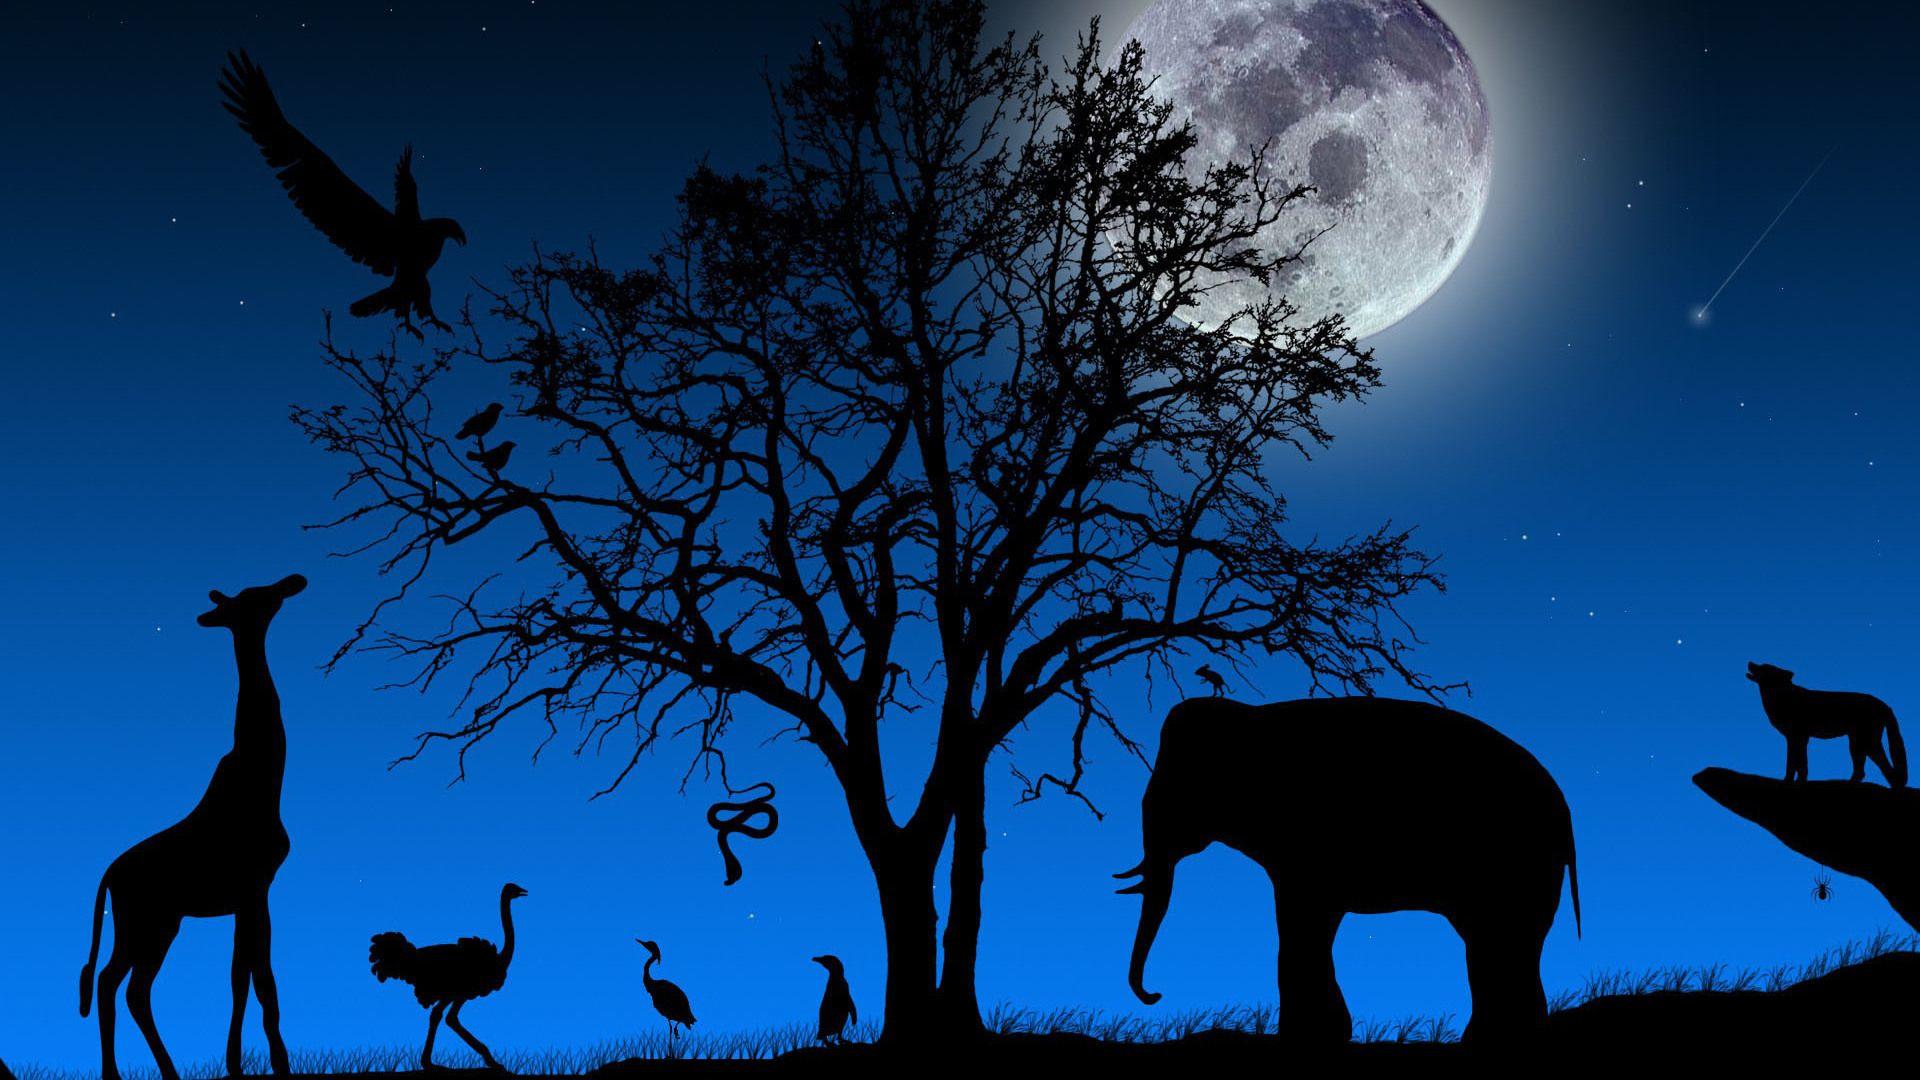 Wonderful Wallpaper Night Animal - da0b37267f0da33eec5bdc6c2655e734  2018.jpg